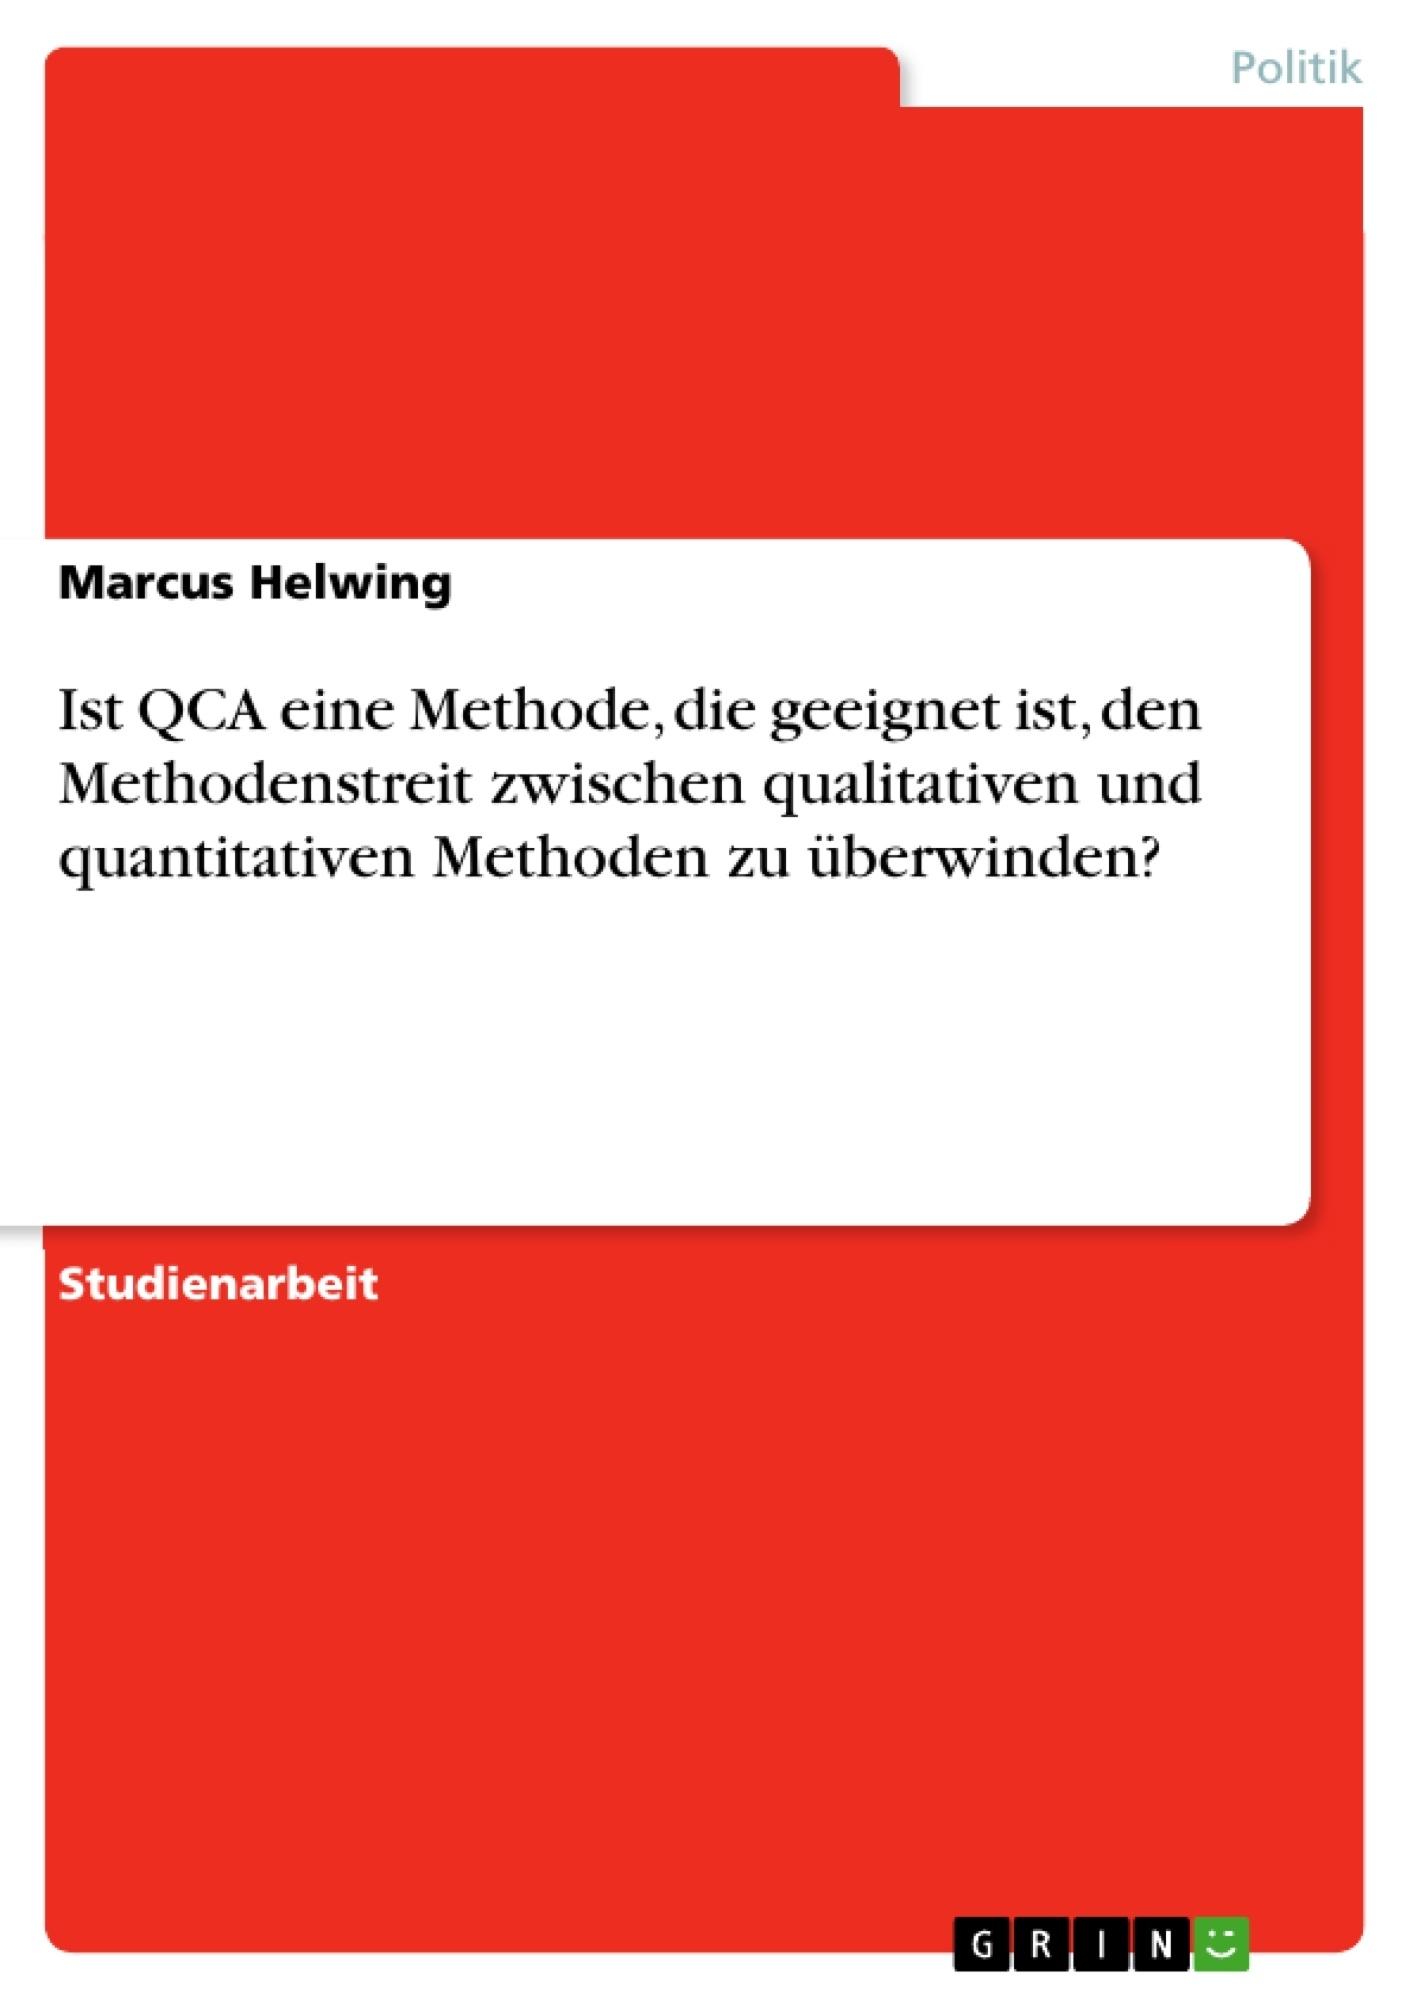 Titel: Ist QCA eine Methode, die geeignet ist, den Methodenstreit zwischen qualitativen und quantitativen Methoden zu überwinden?